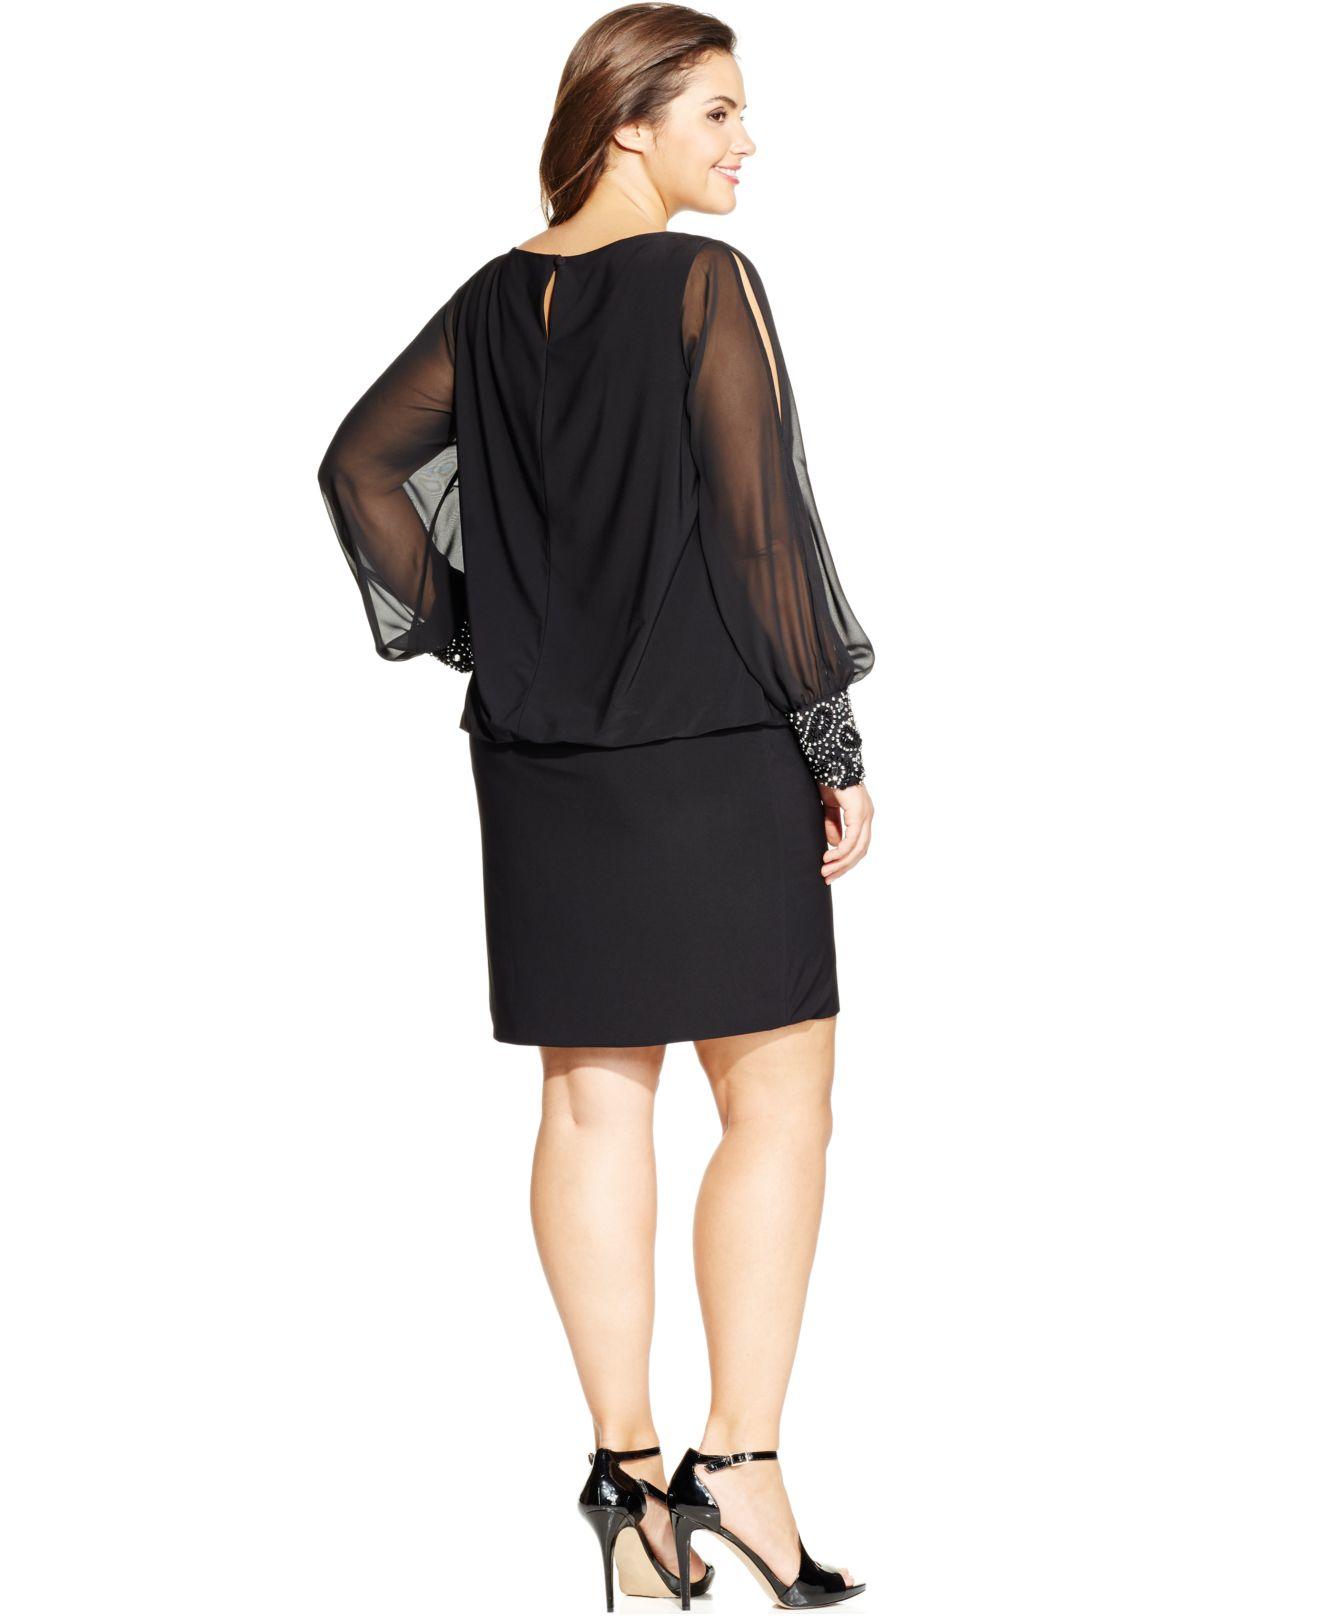 Xscape blouson cocktail dress